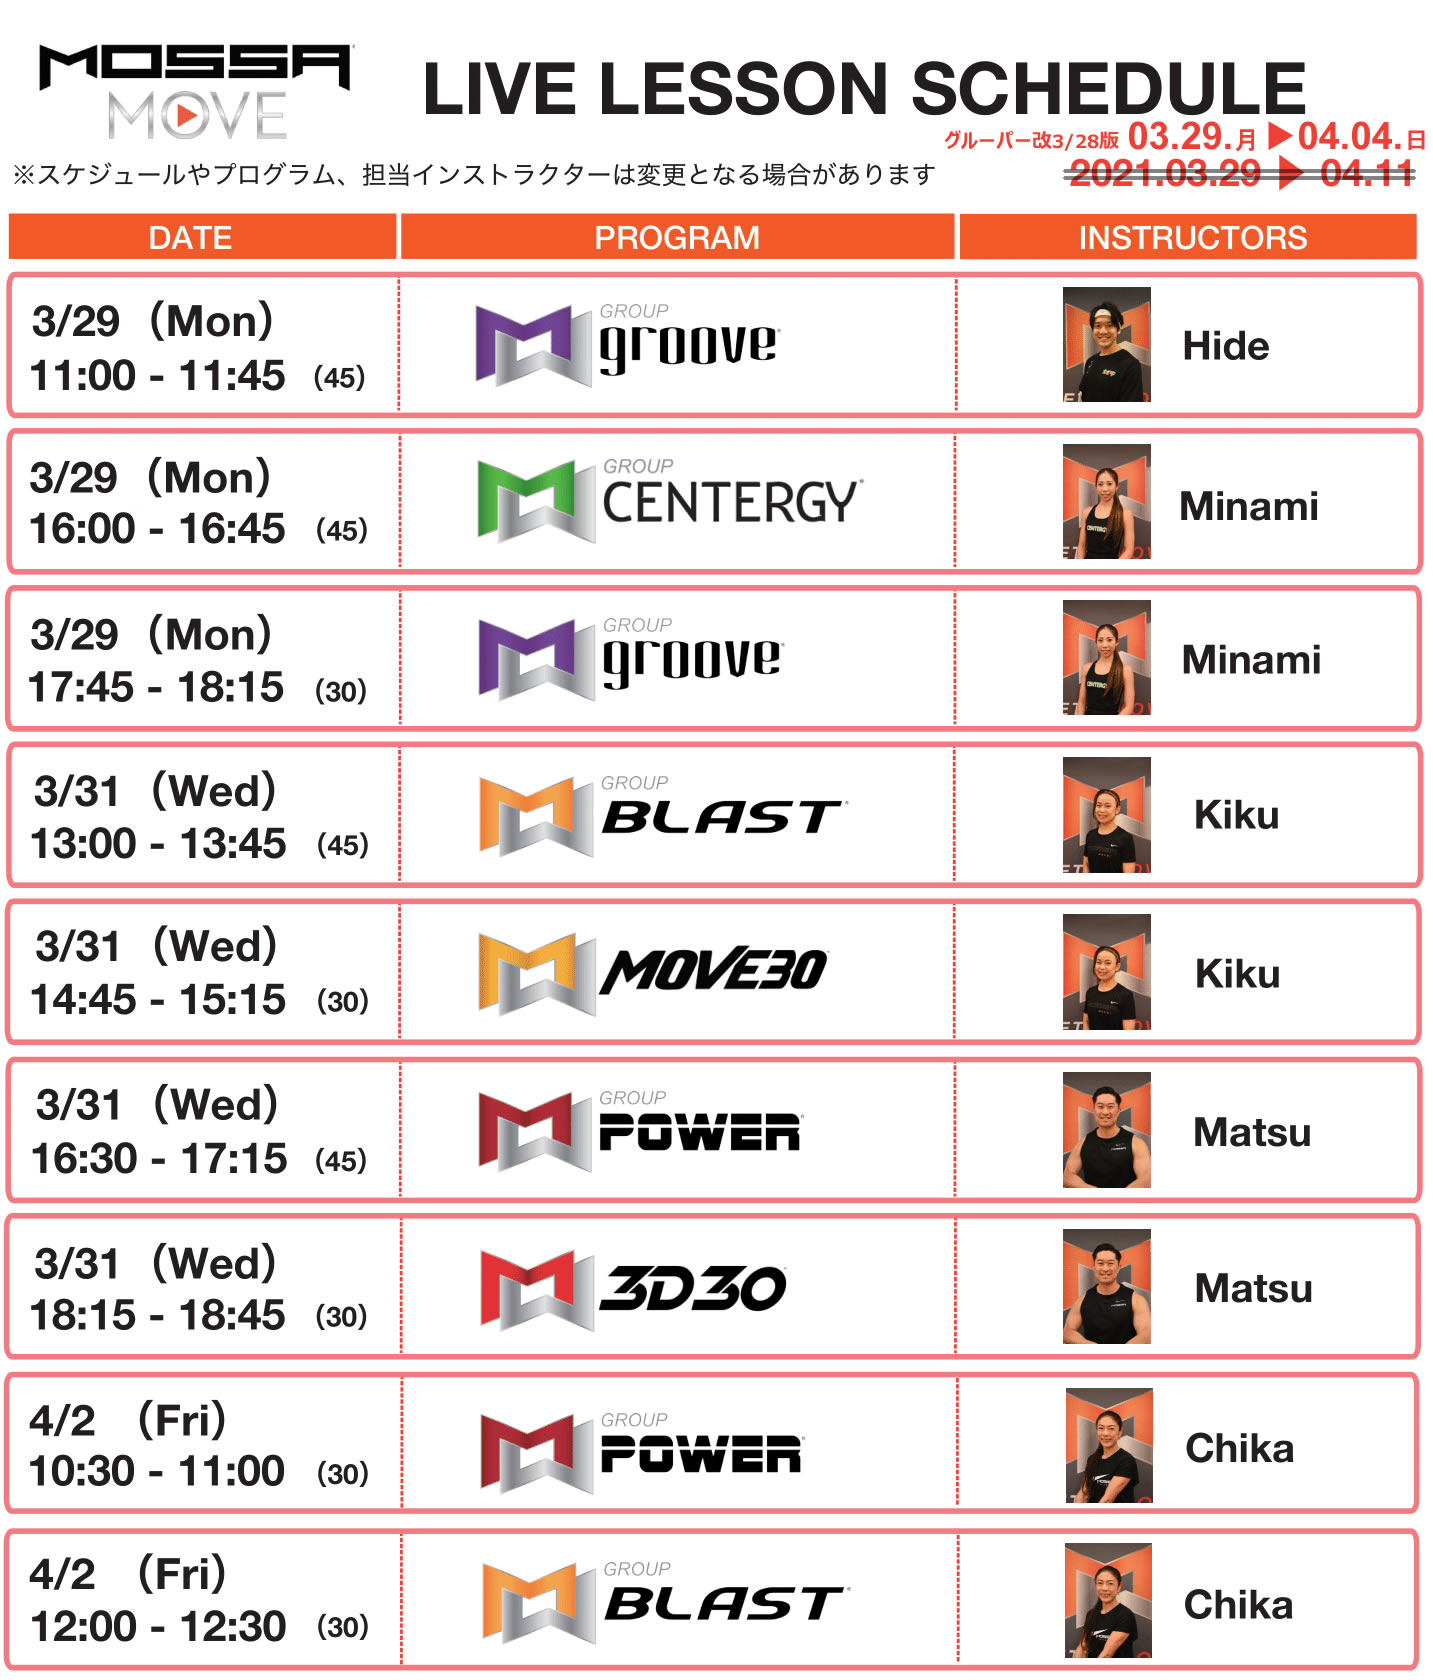 【MOSSA MOVE 3/29-4/4ライブ配信スケジュール】